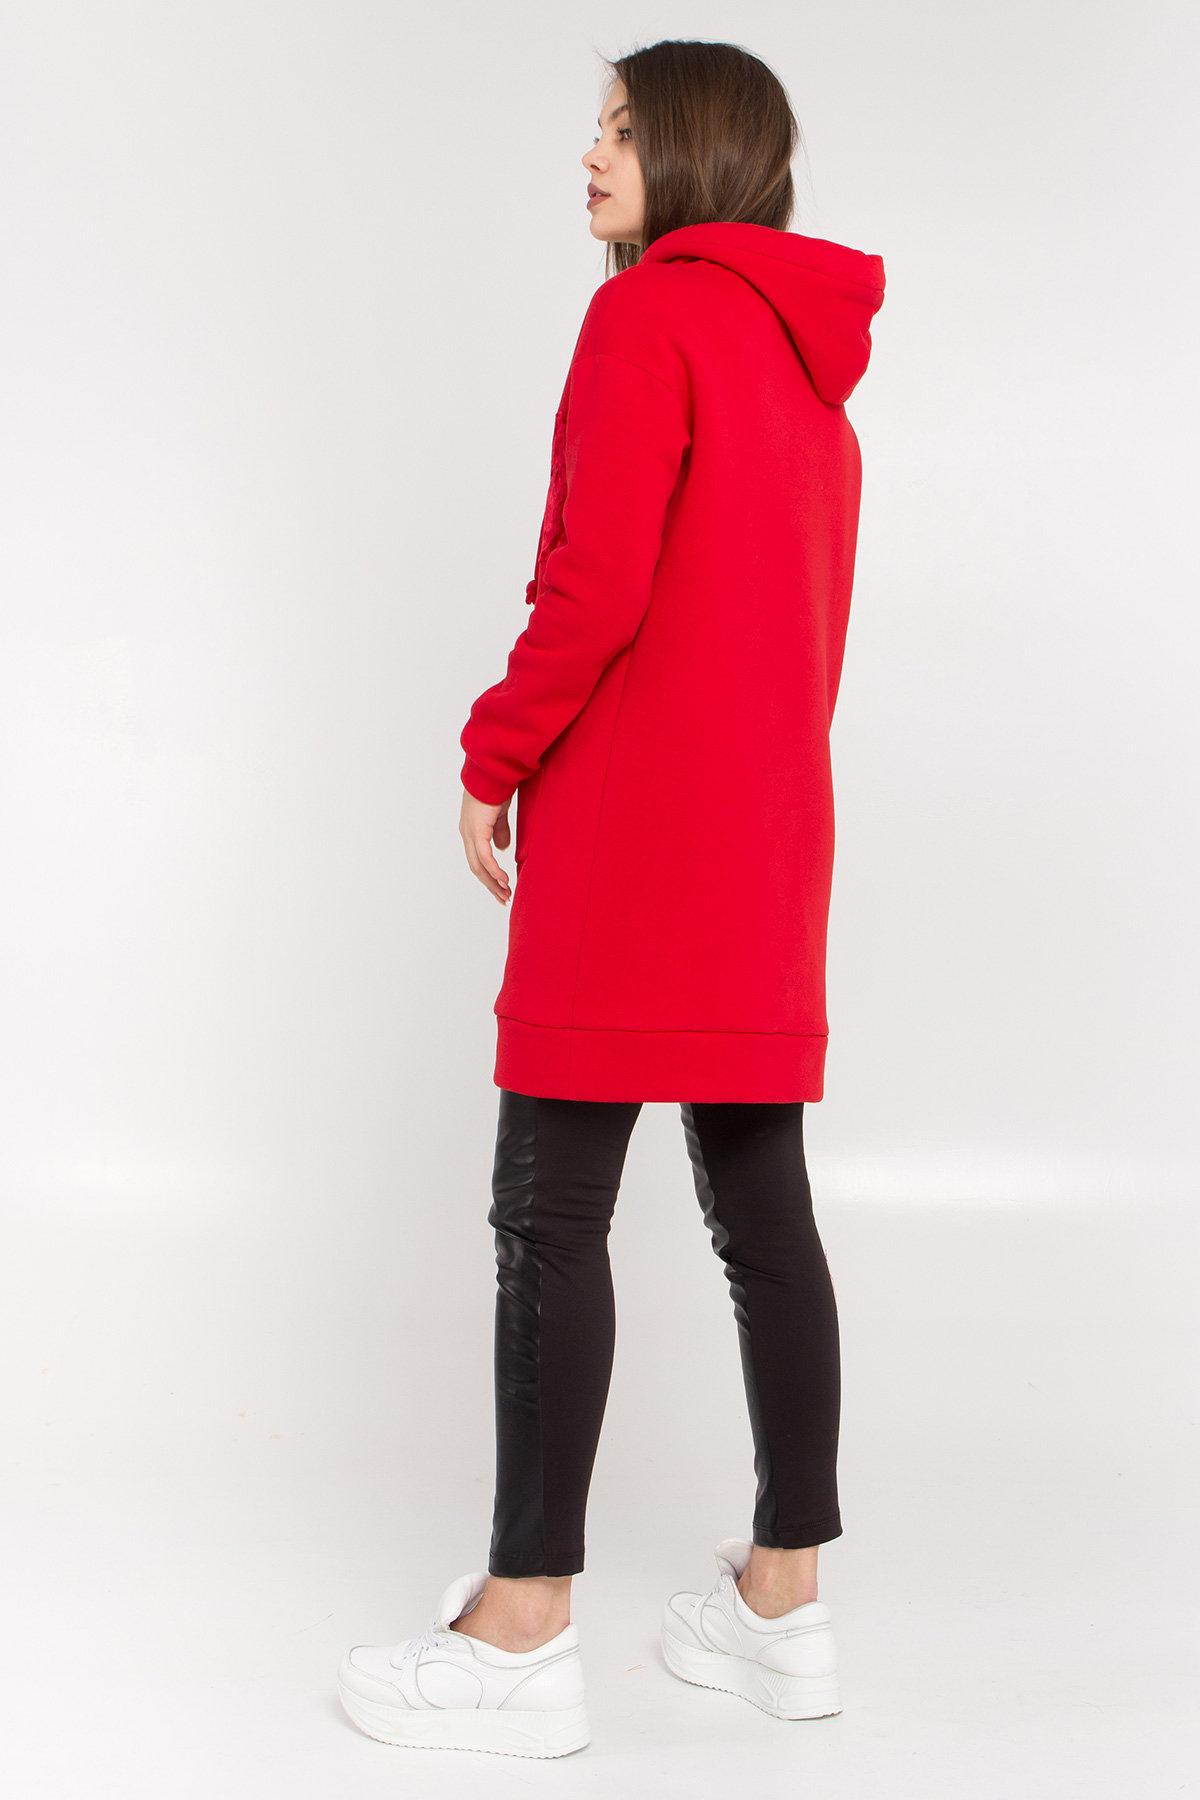 Платье худи Томми 8703 АРТ. 45100 Цвет: Красный/красный - фото 3, интернет магазин tm-modus.ru